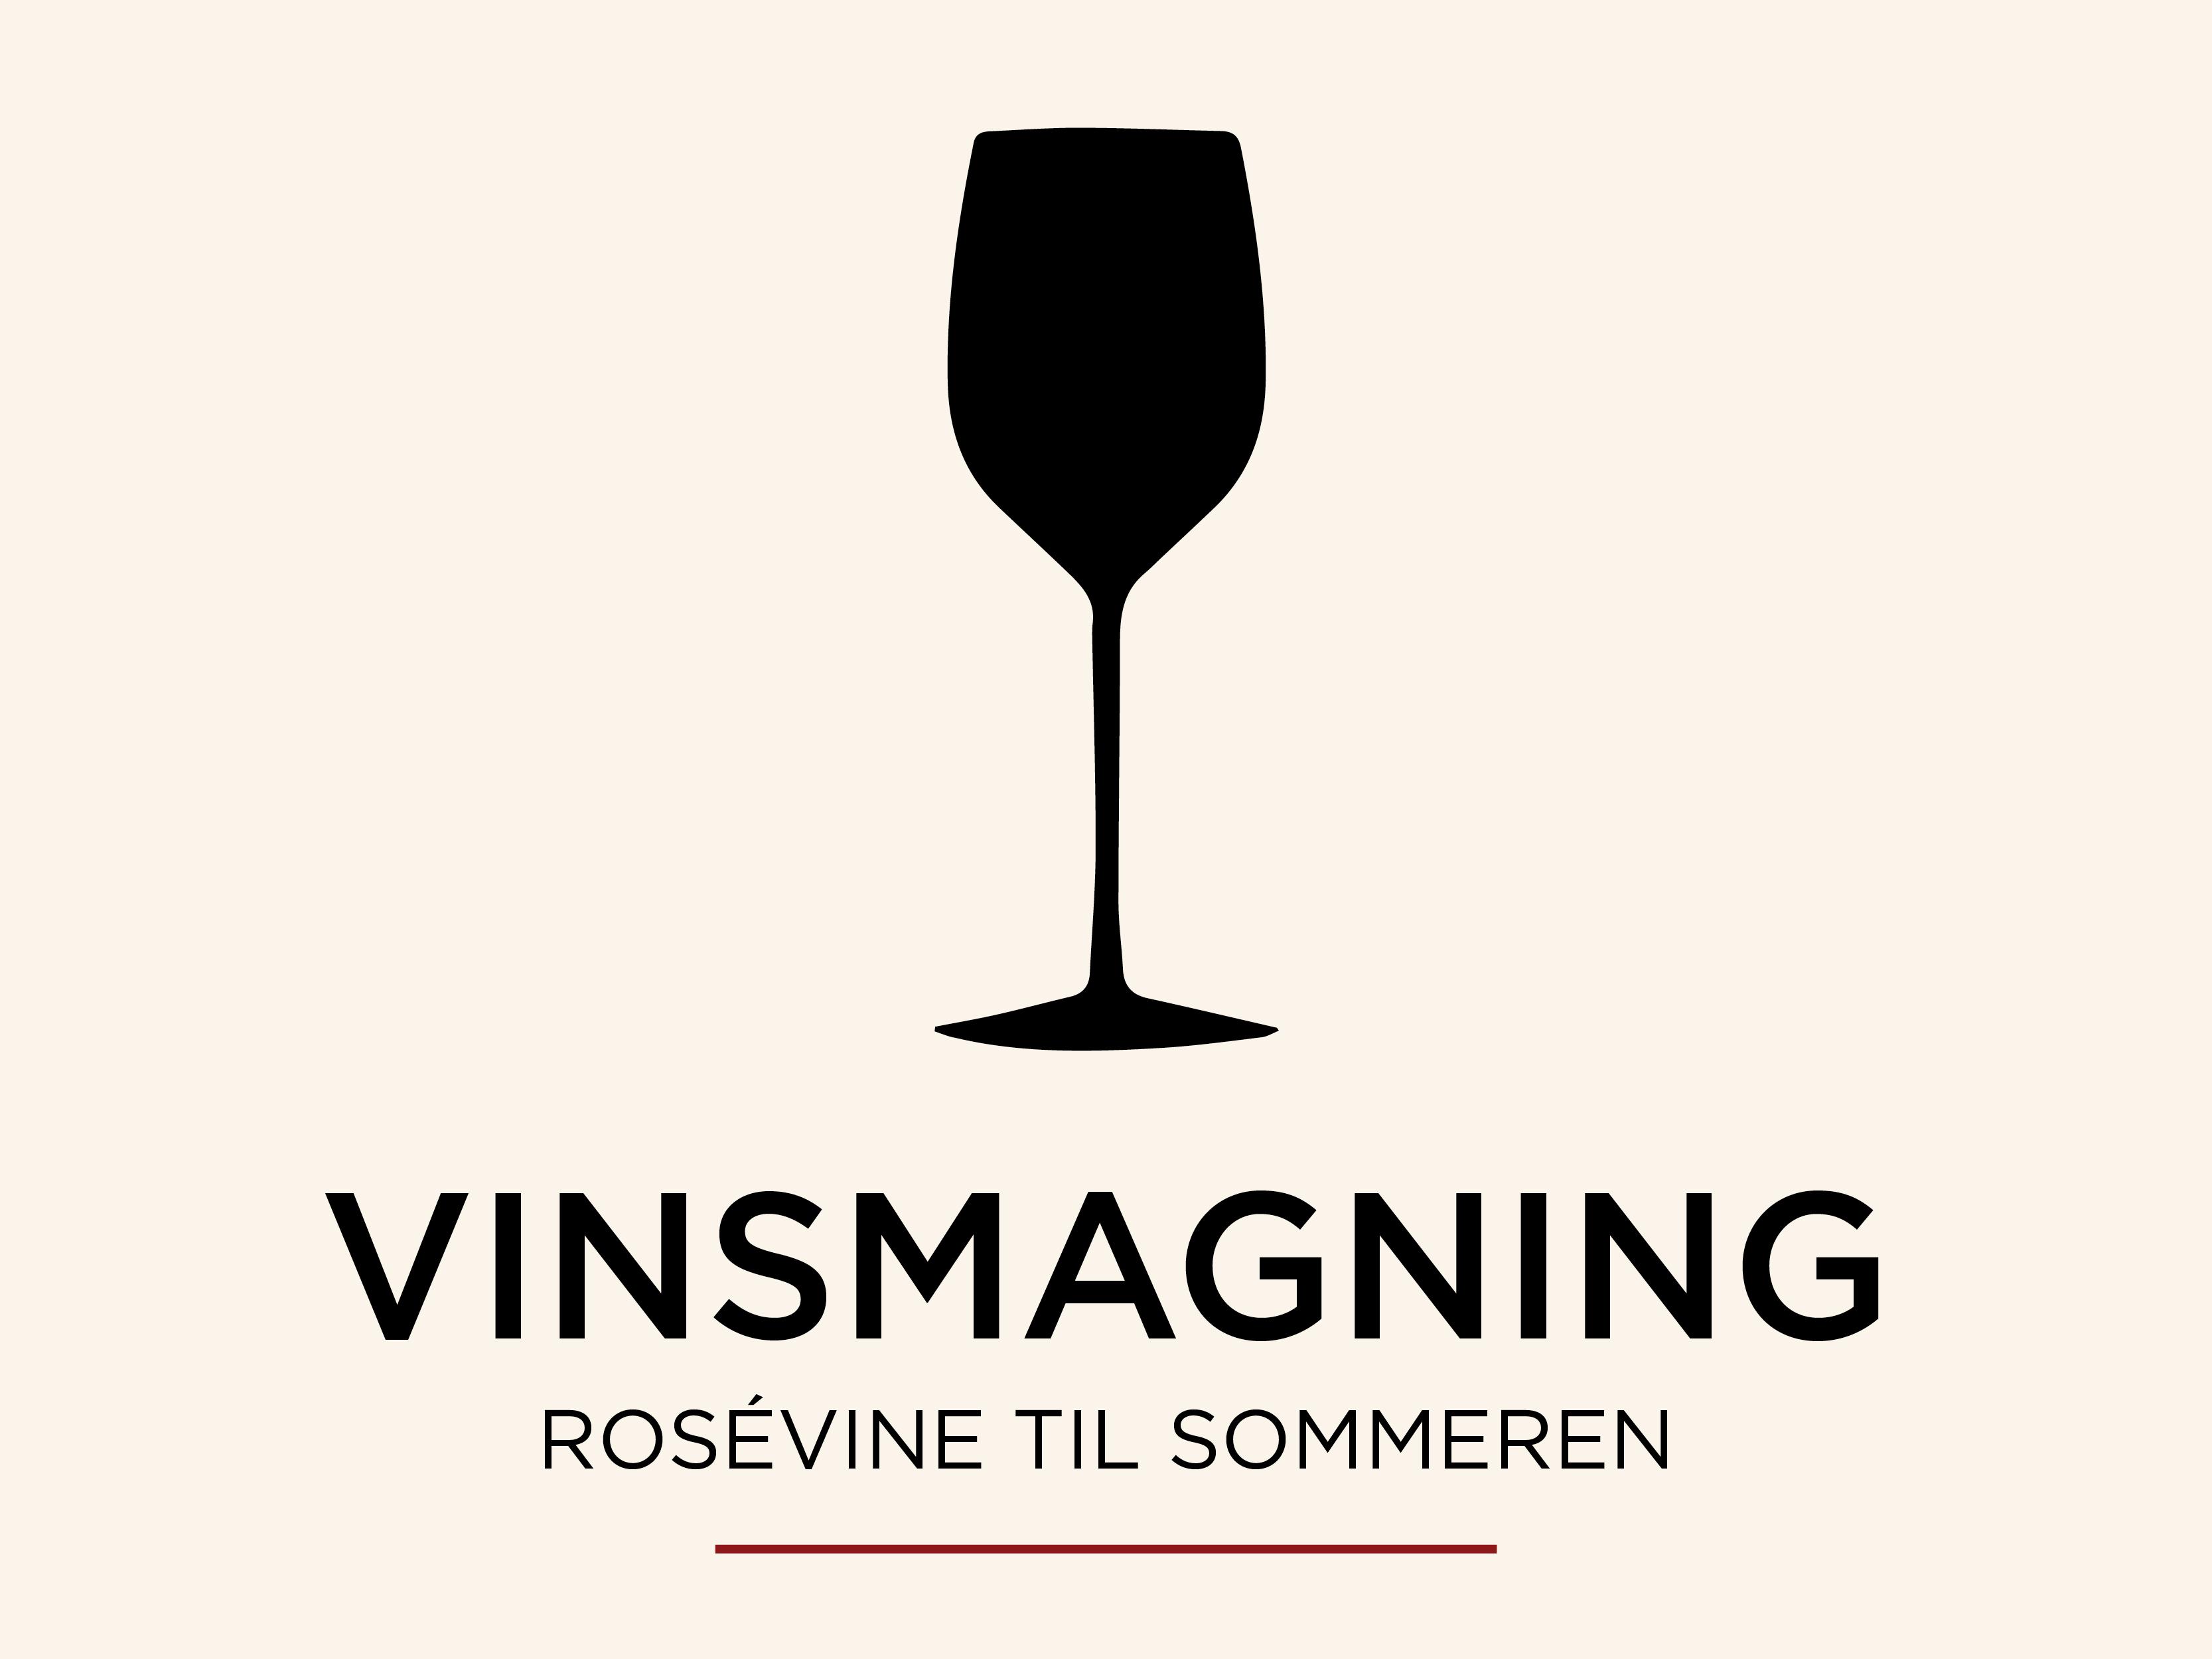 Vinsmagning_rose_Billet.png